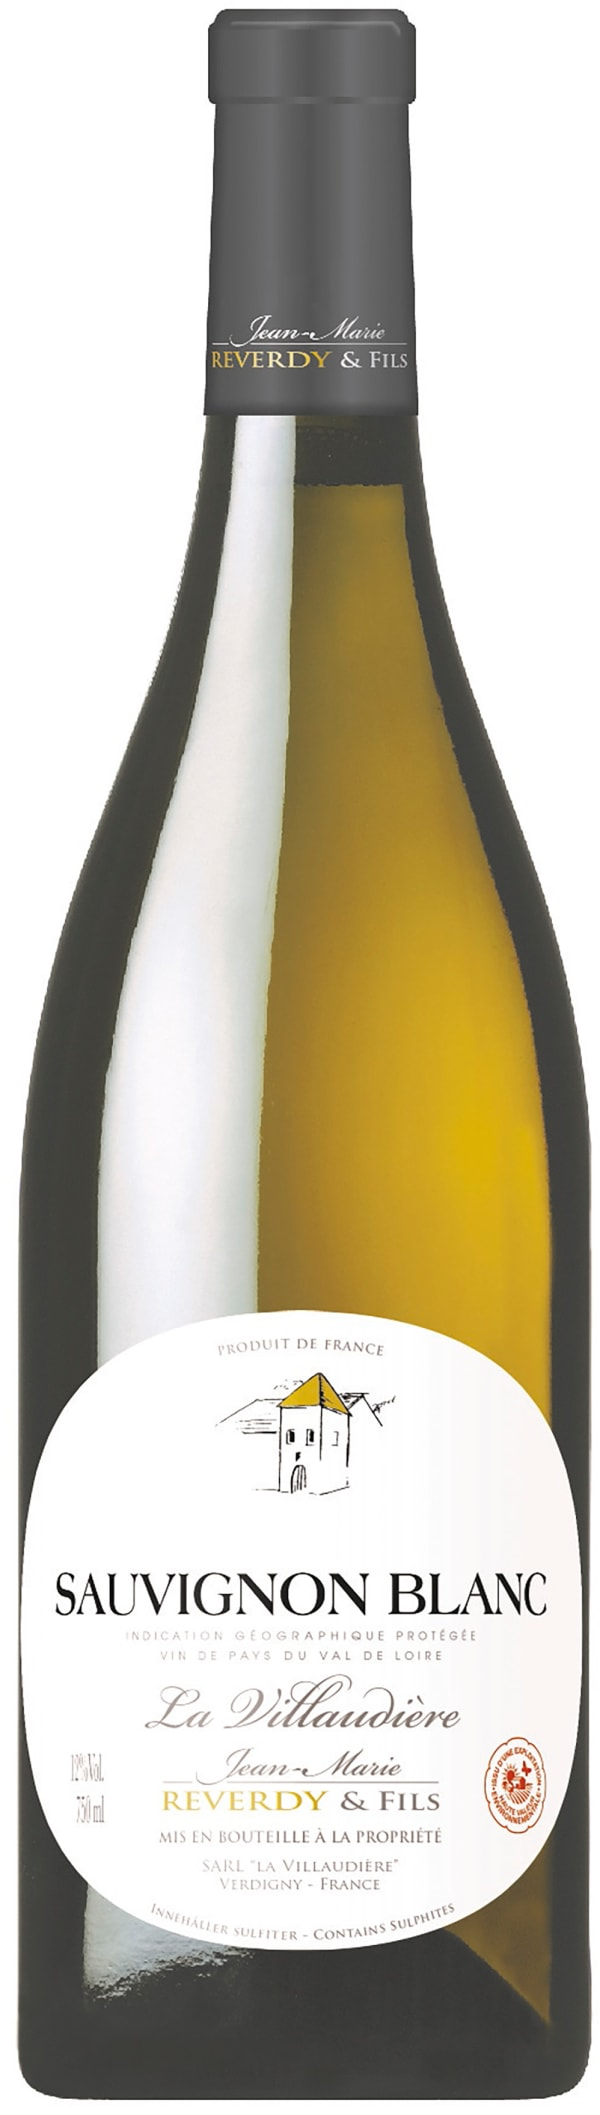 Reverdy La Villaudiere Sauvignon Blanc 2016